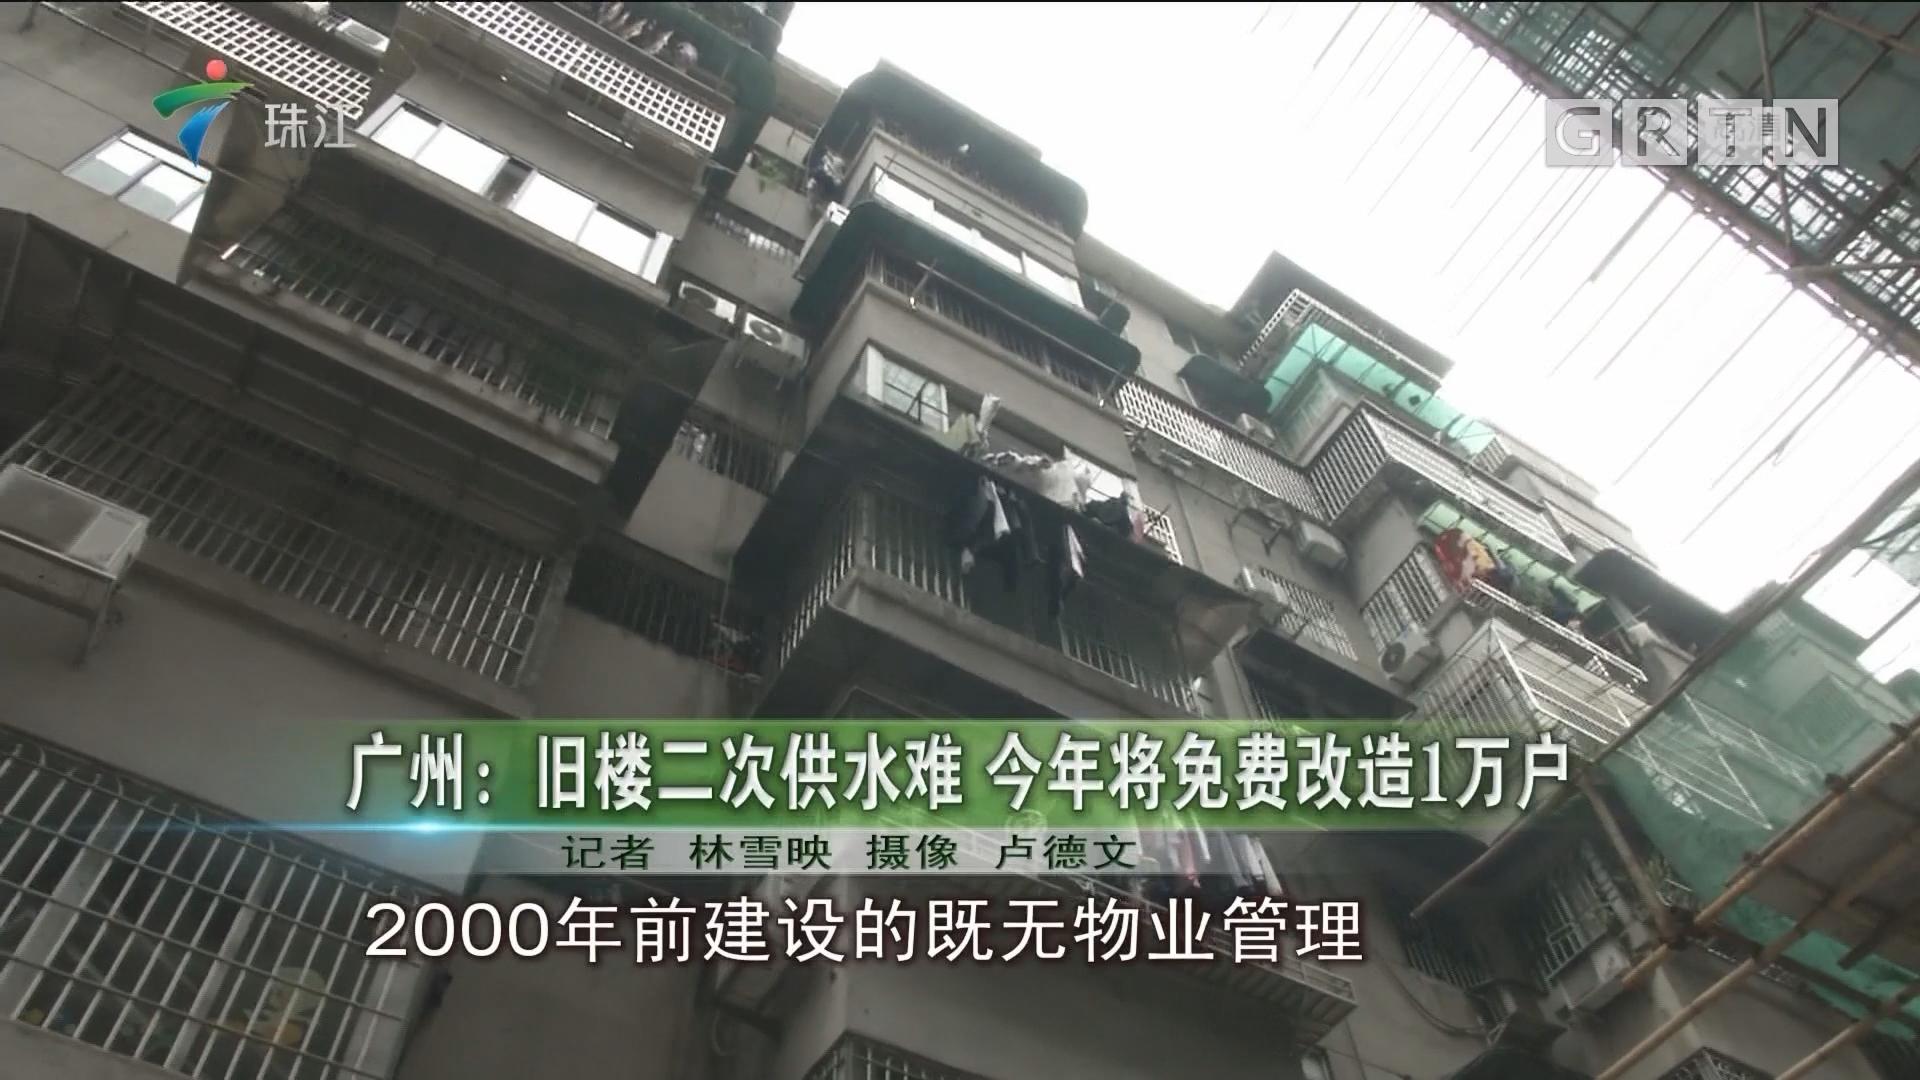 广州:旧楼二次供水难 今年将免费改造1万户